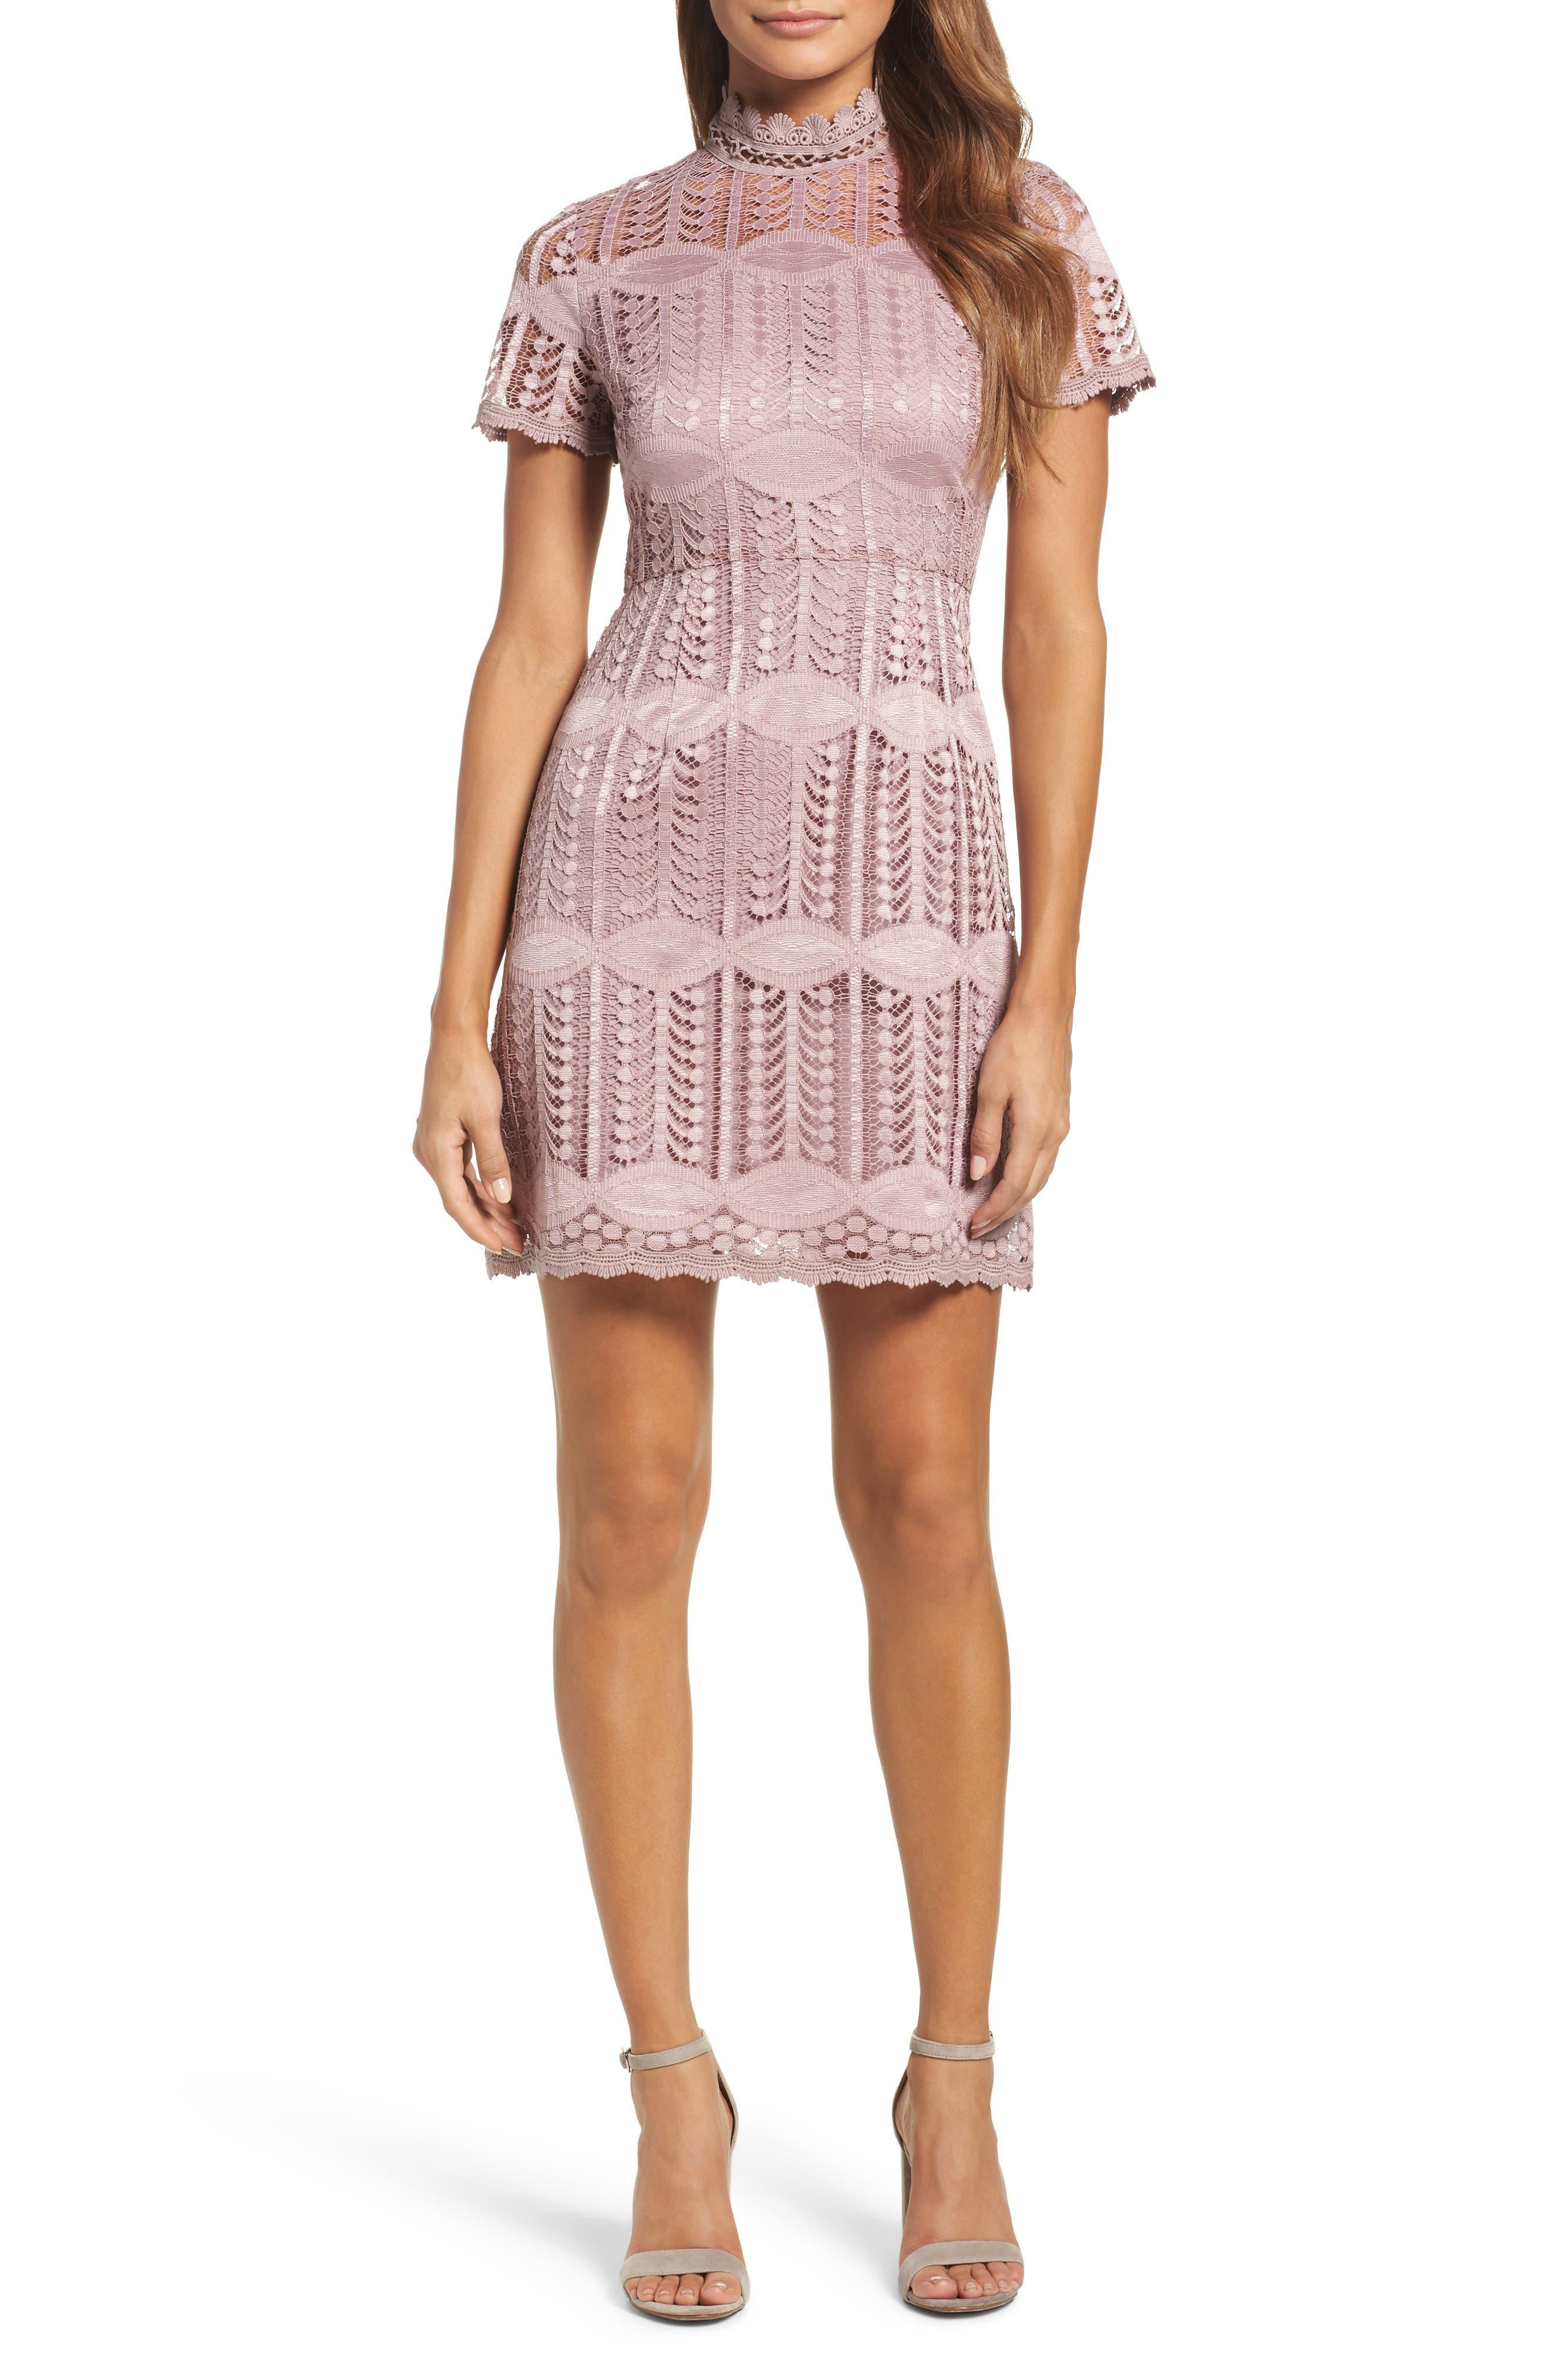 NSR Mock Neck Lace Dress